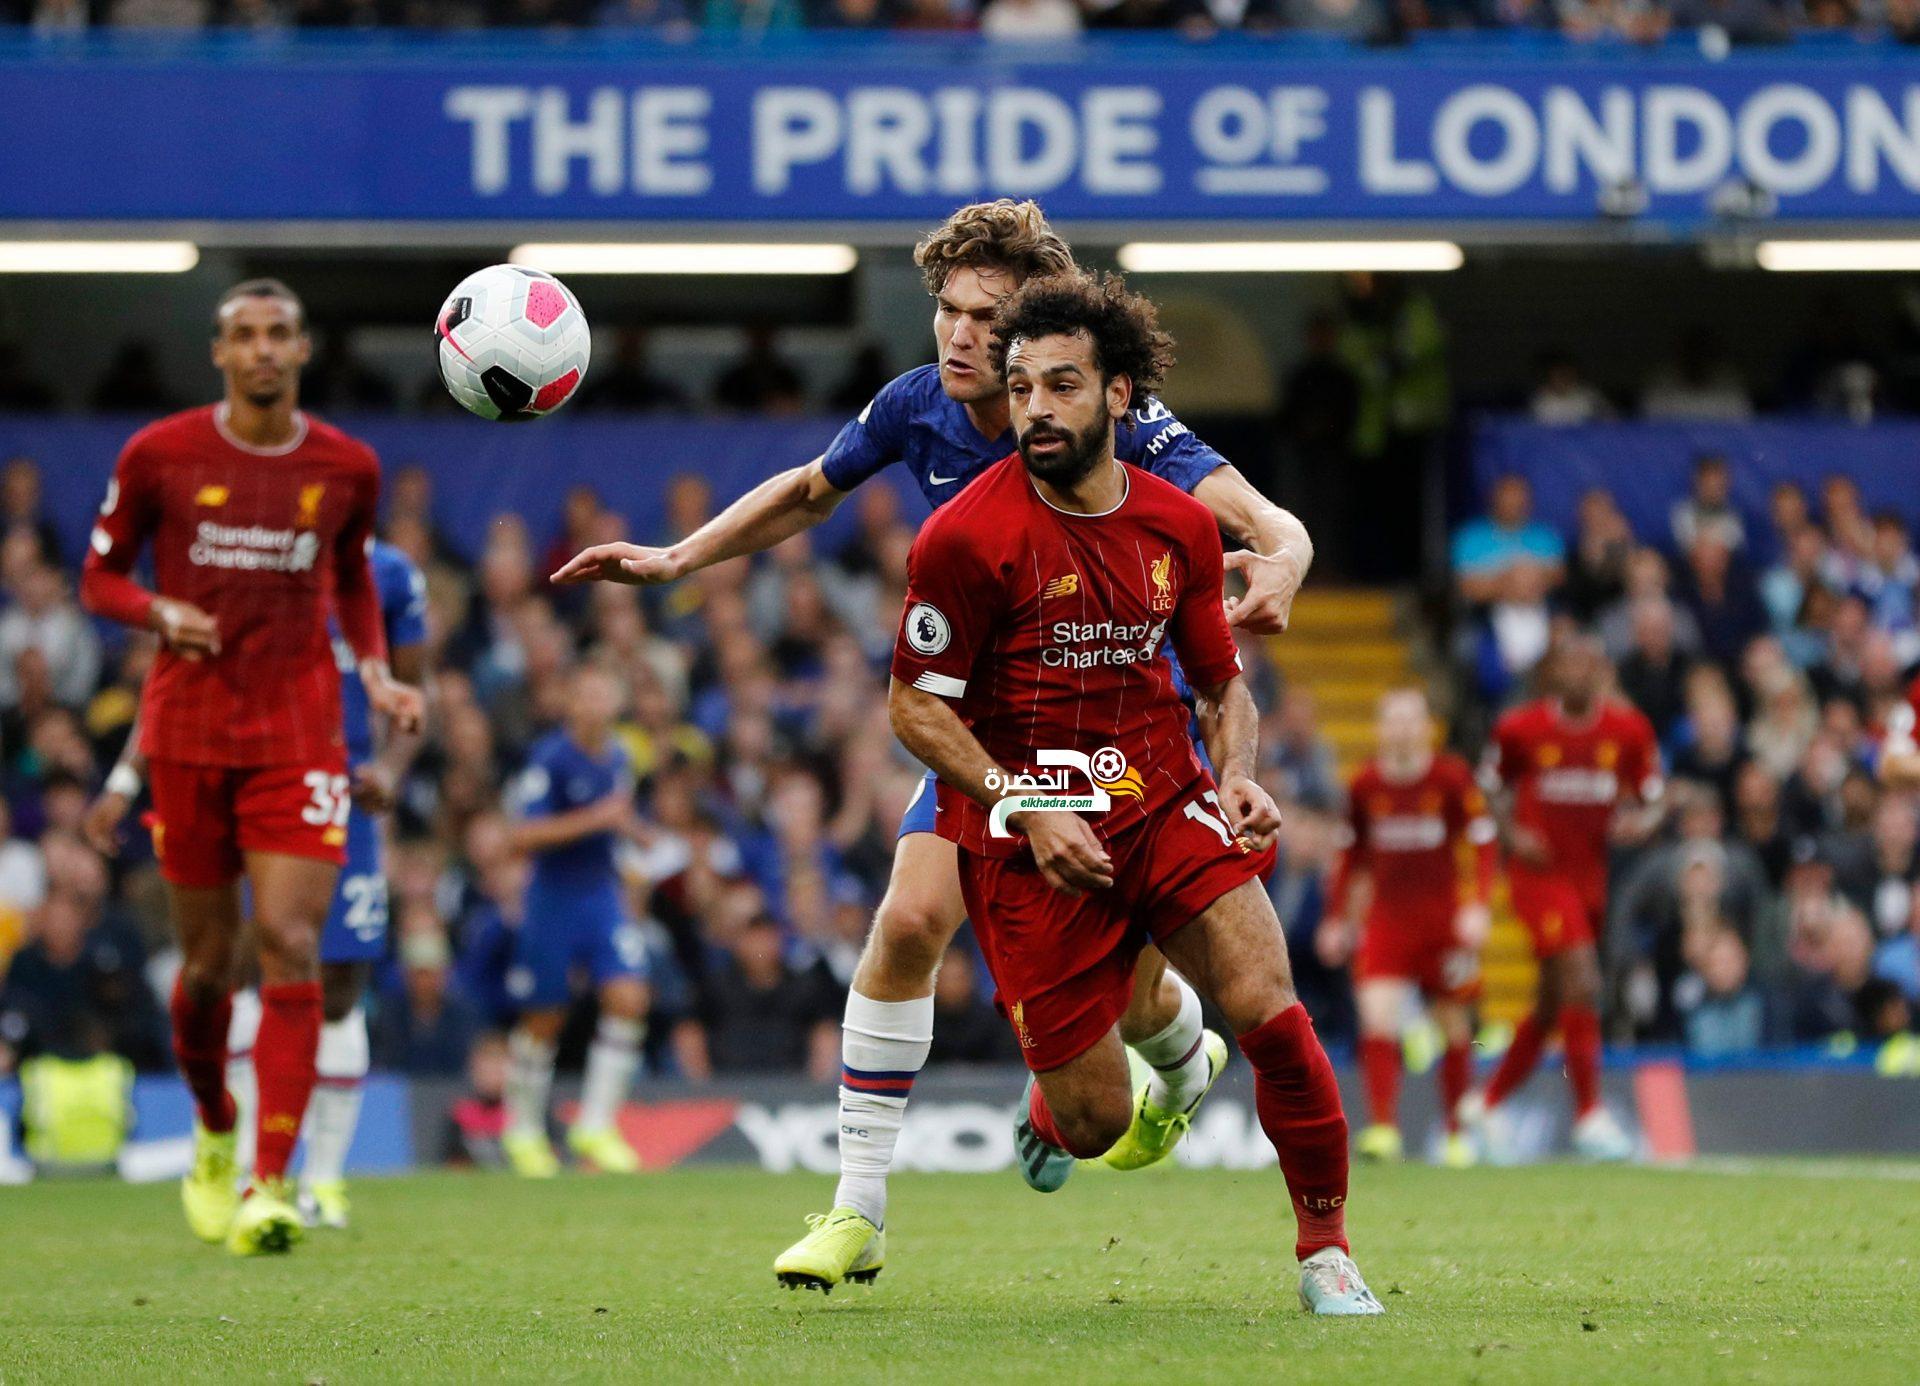 ليفربول يواصل إنتصاراته ويفوز خارج ملعبه على تشيلسي 24